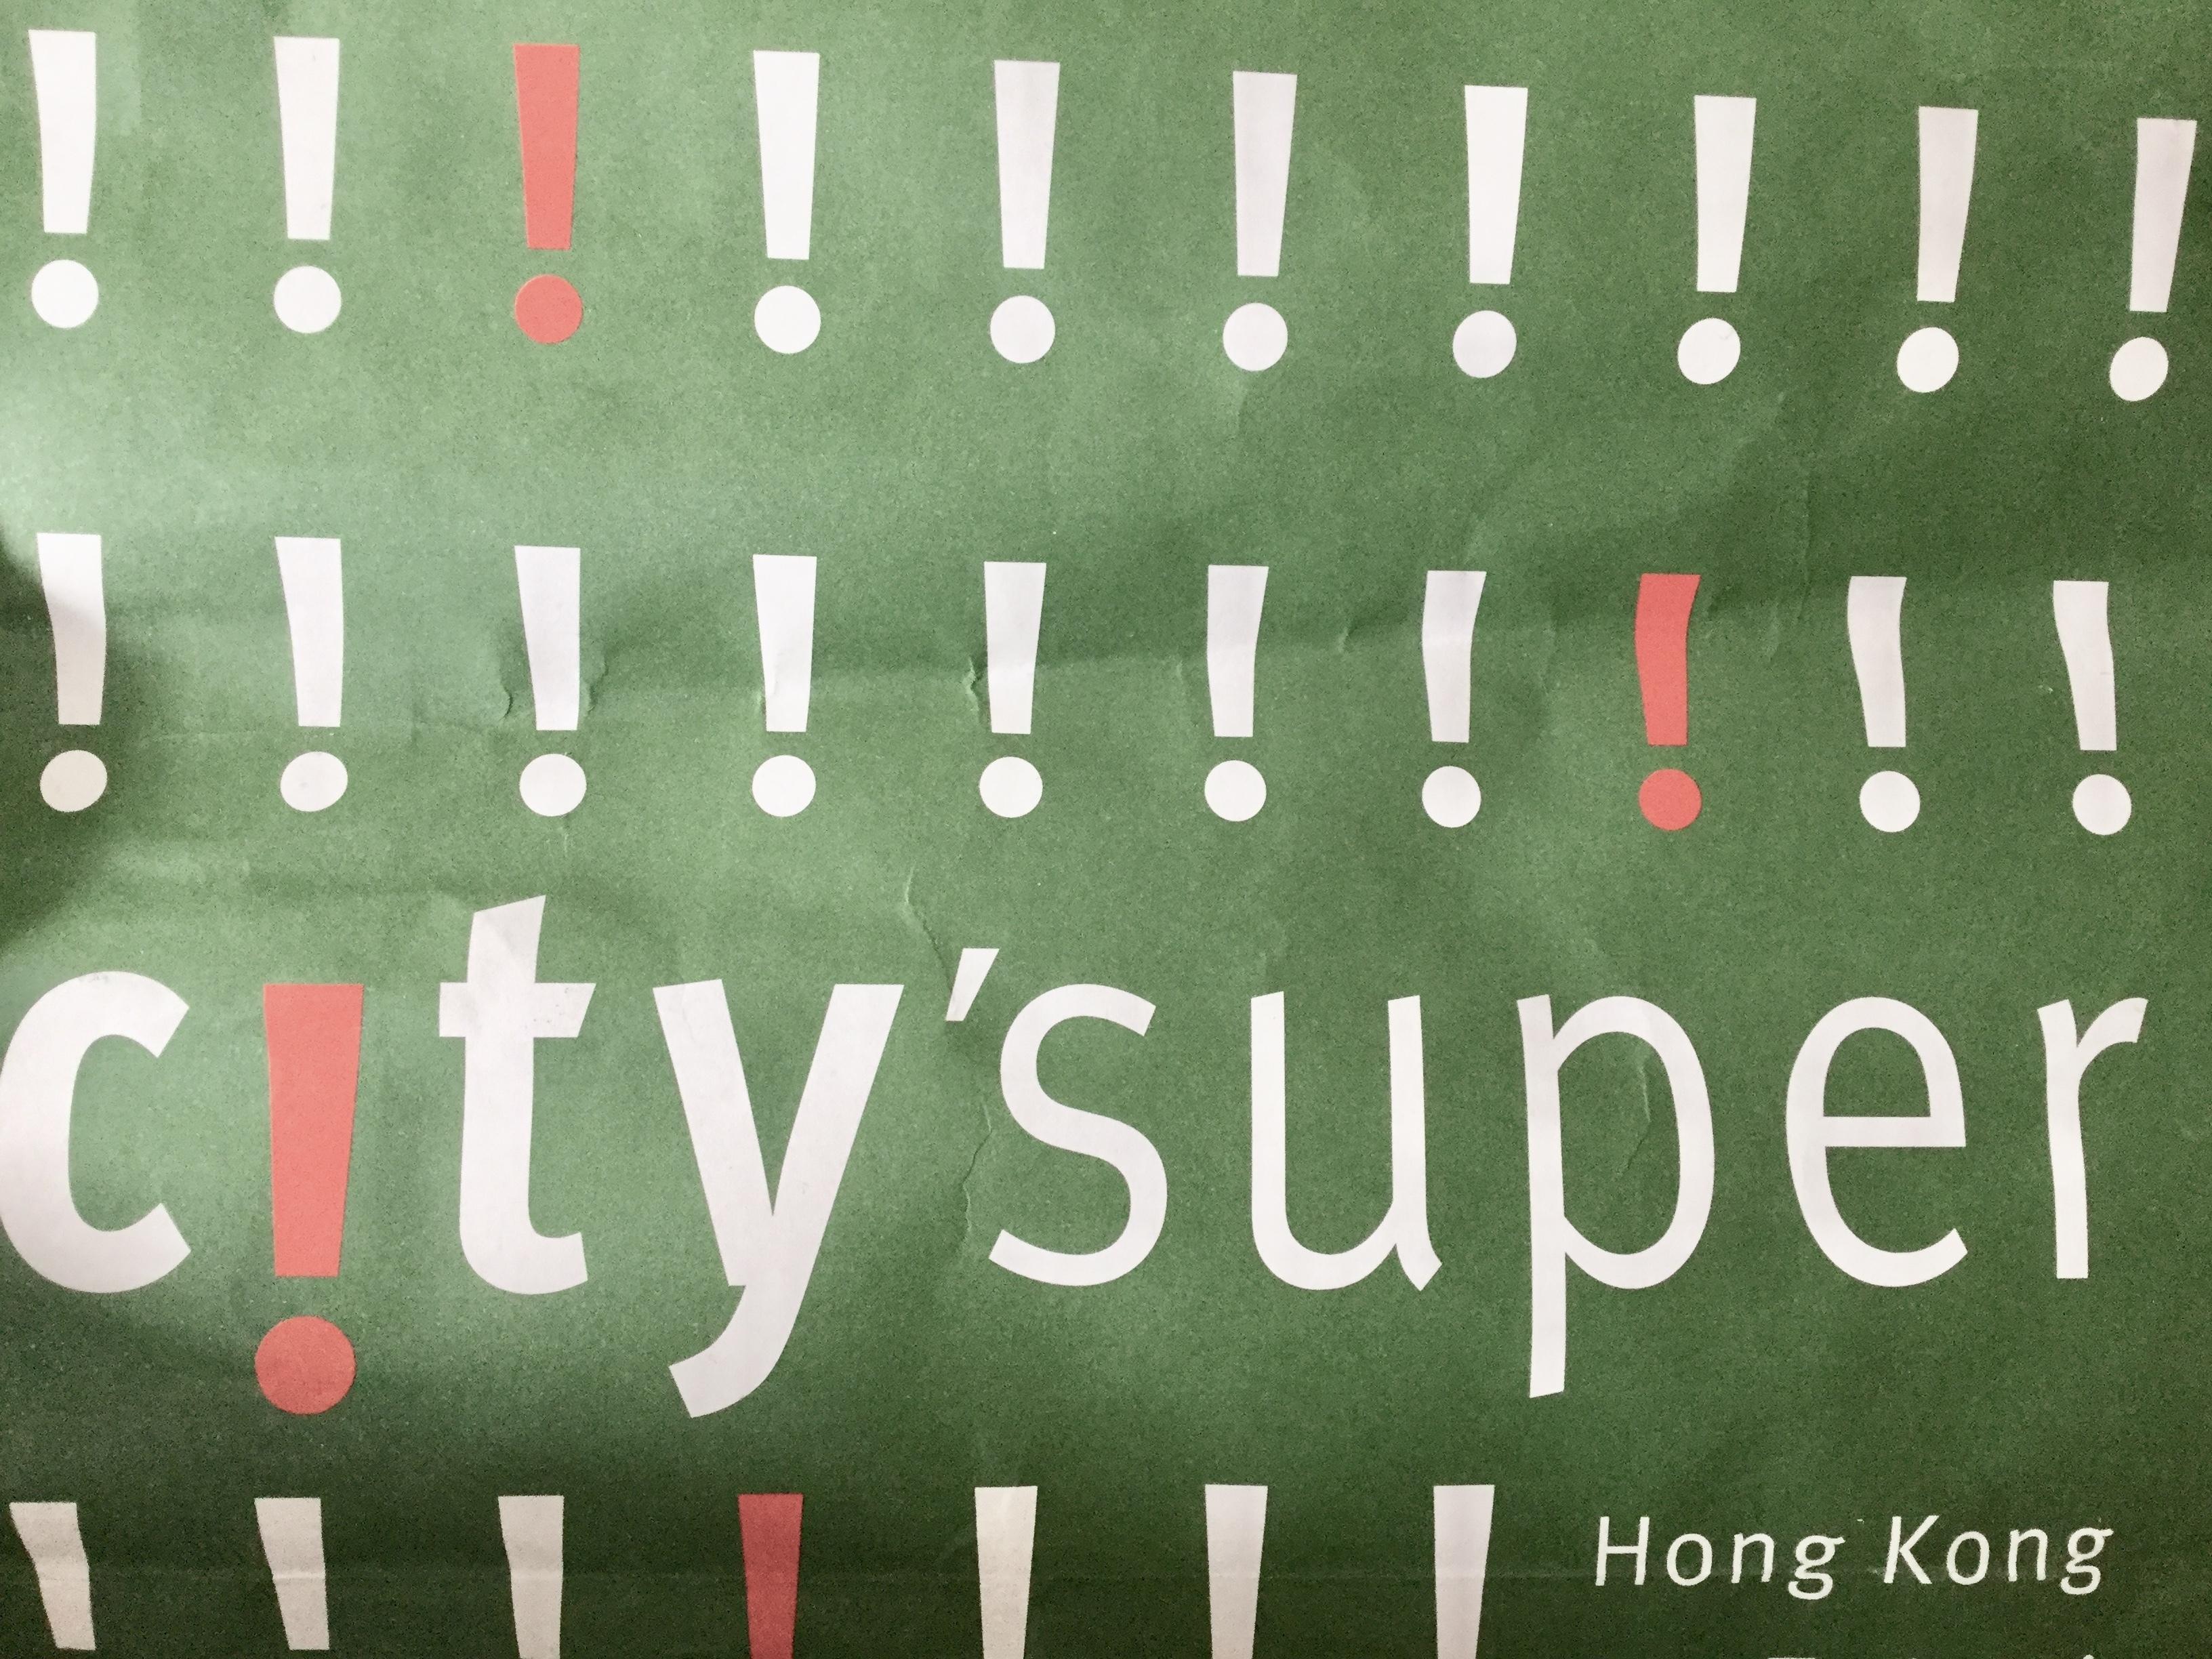 city's superと書いたデザインの紙袋